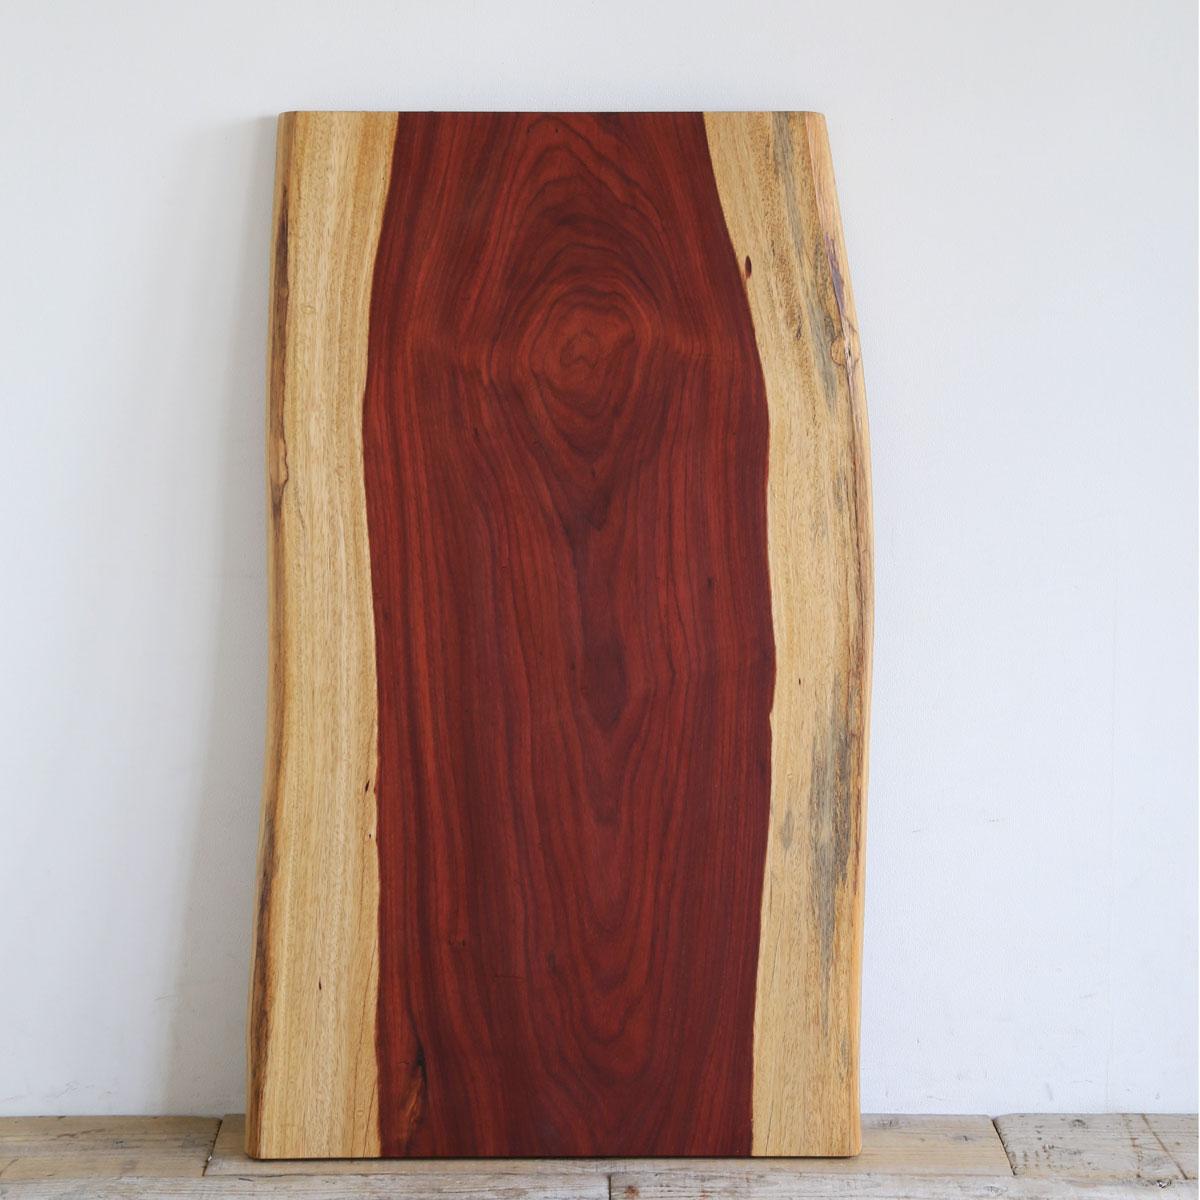 パドック天板 幅130 一枚板 テーブル 天板のみ 材木 ダイニング 天板 無垢 天然木 diy 1枚板 一枚板テーブル ダイニングテーブル W1300 D630~730